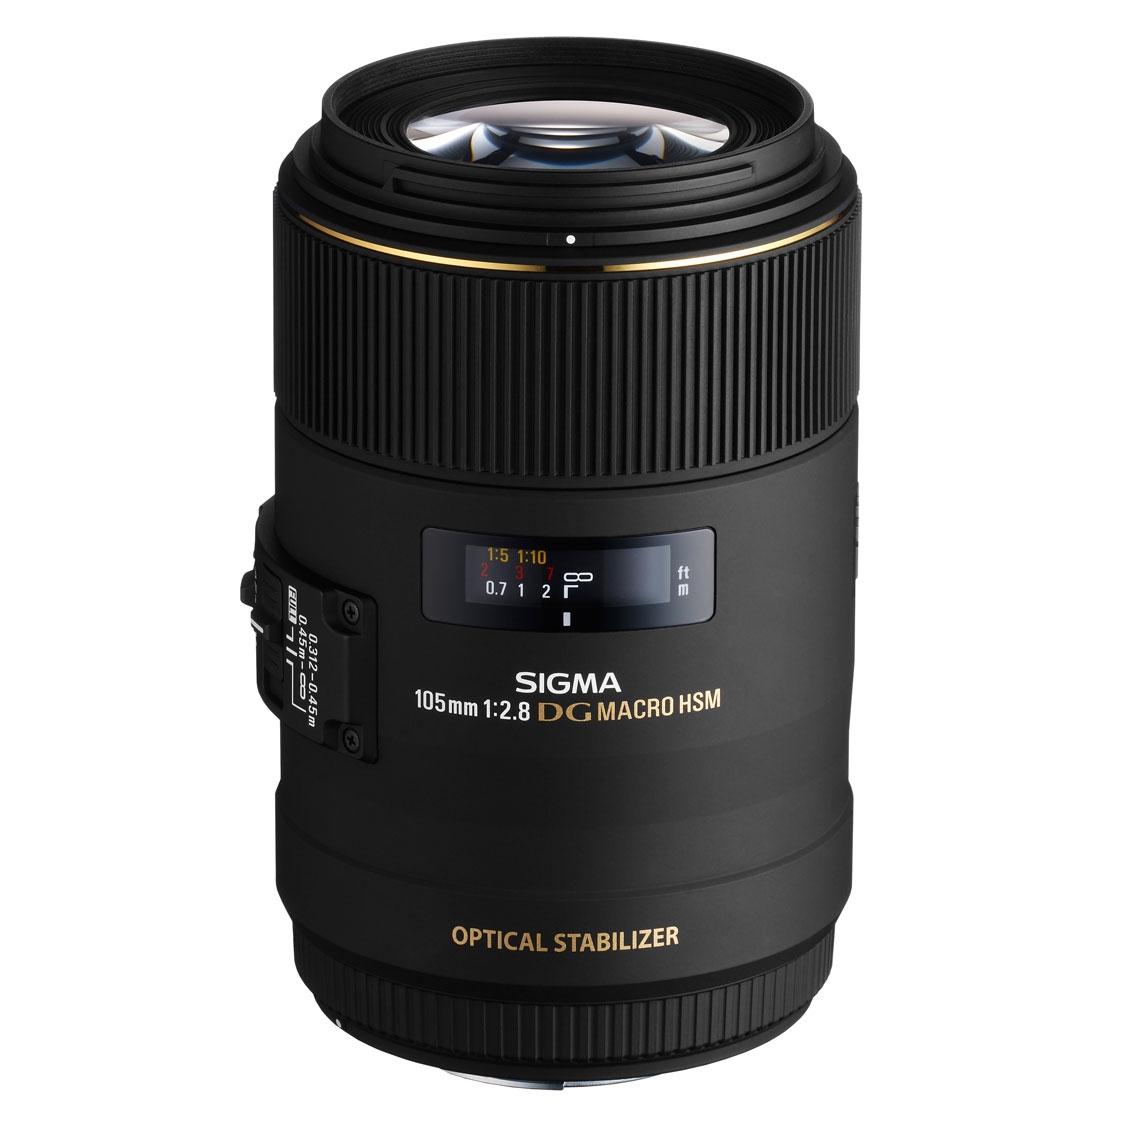 Shop at Best Buy for digital SLR camera package deals. Find great DSLR bundles with cameras, lenses, cases and more.